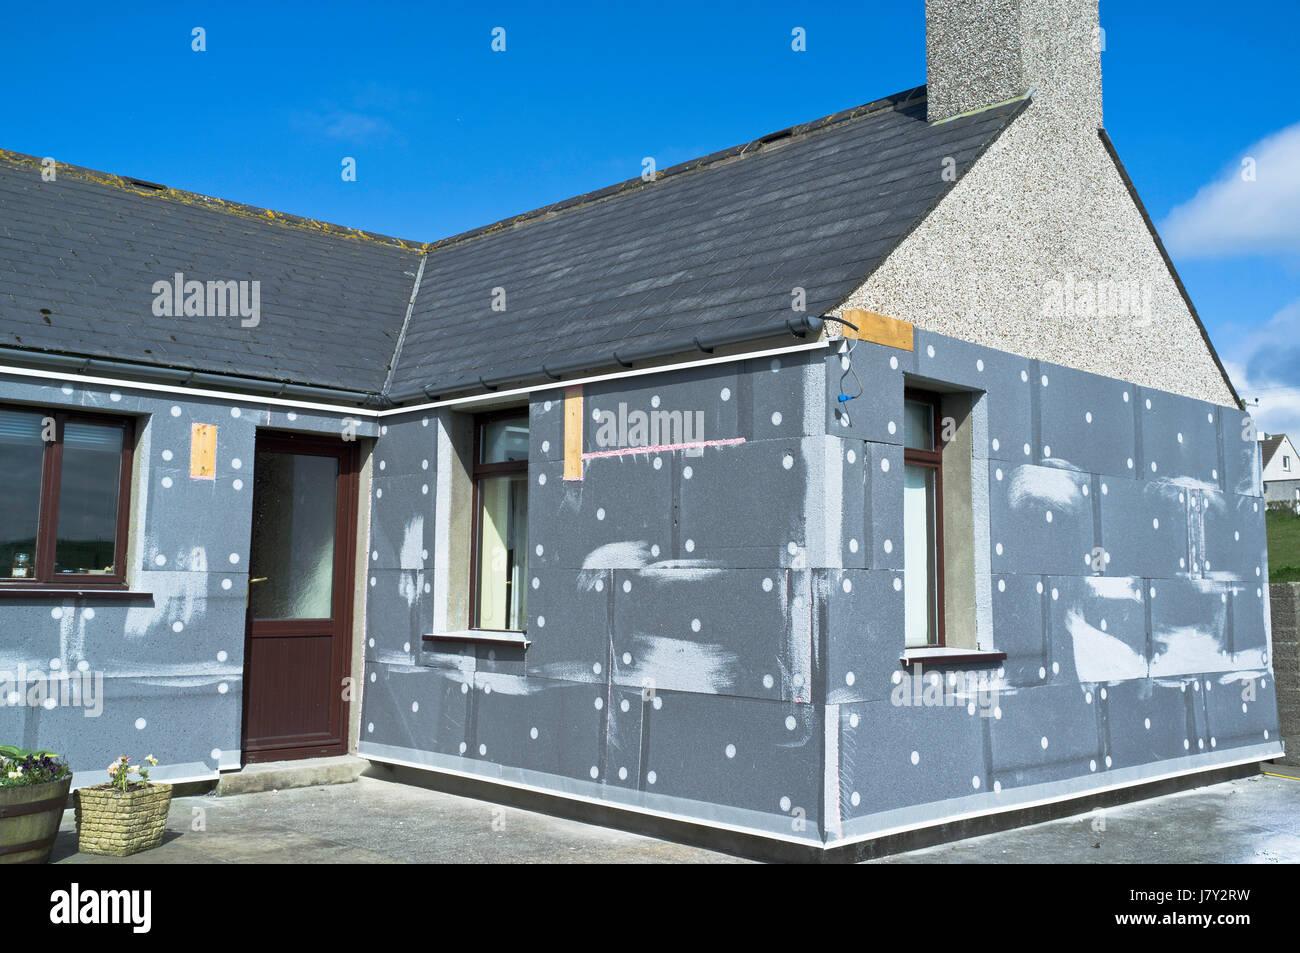 Parete di isolamento edificio riscaldamento Casa isolamento uk esterna parete isolante termico muri esterni al di Immagini Stock